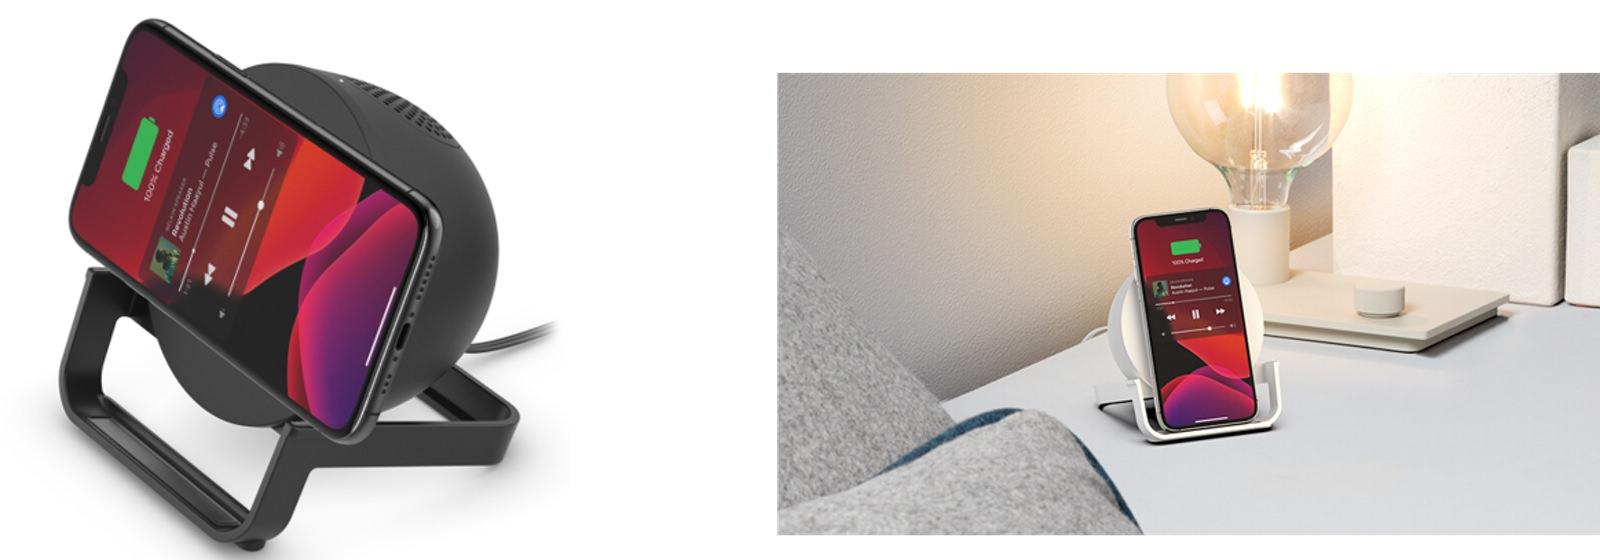 Belkin-New-audio-products-06.jpg